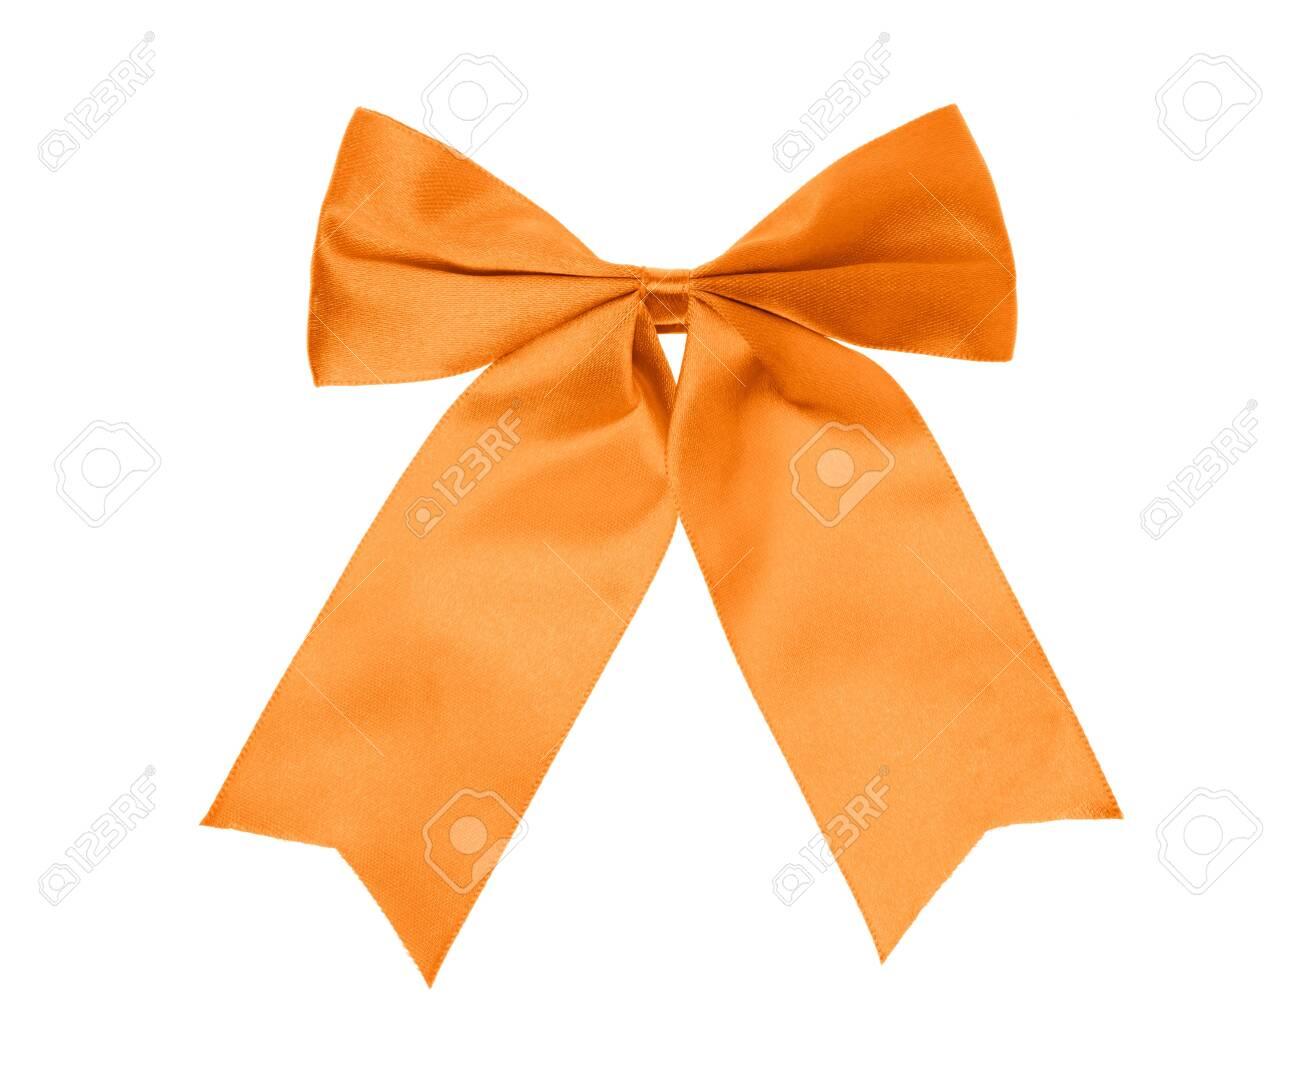 Orange bow isolated on white background. - 130055092